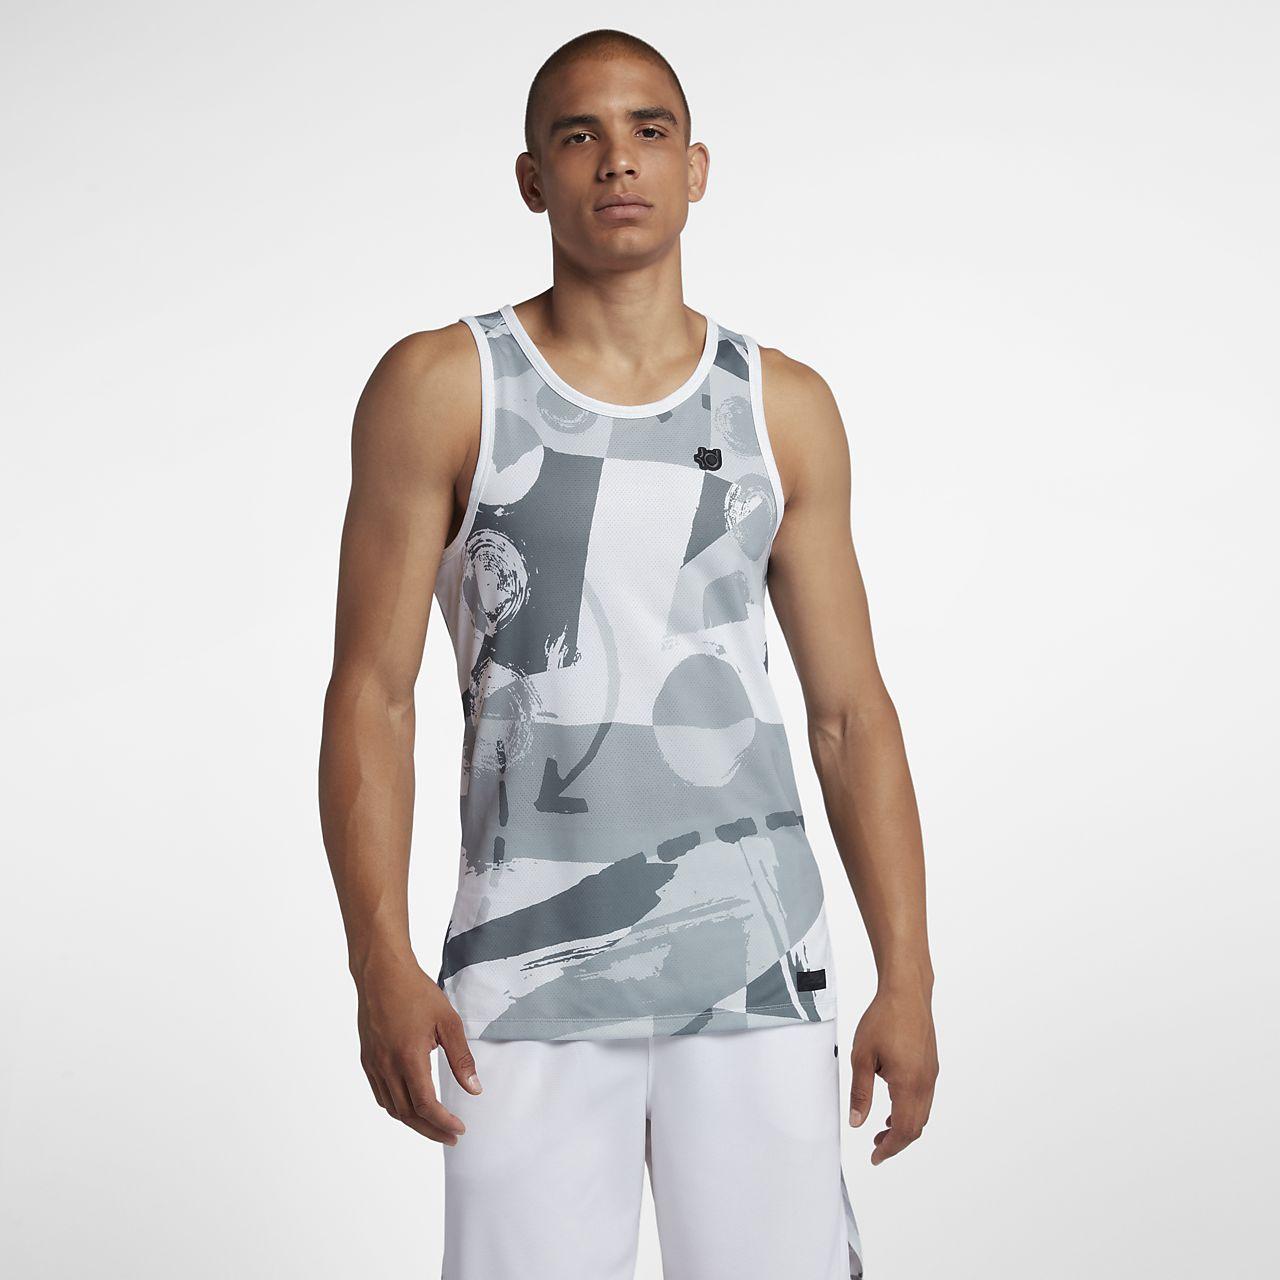 Nike KD Hyper Elite-basketballtanktop til mænd